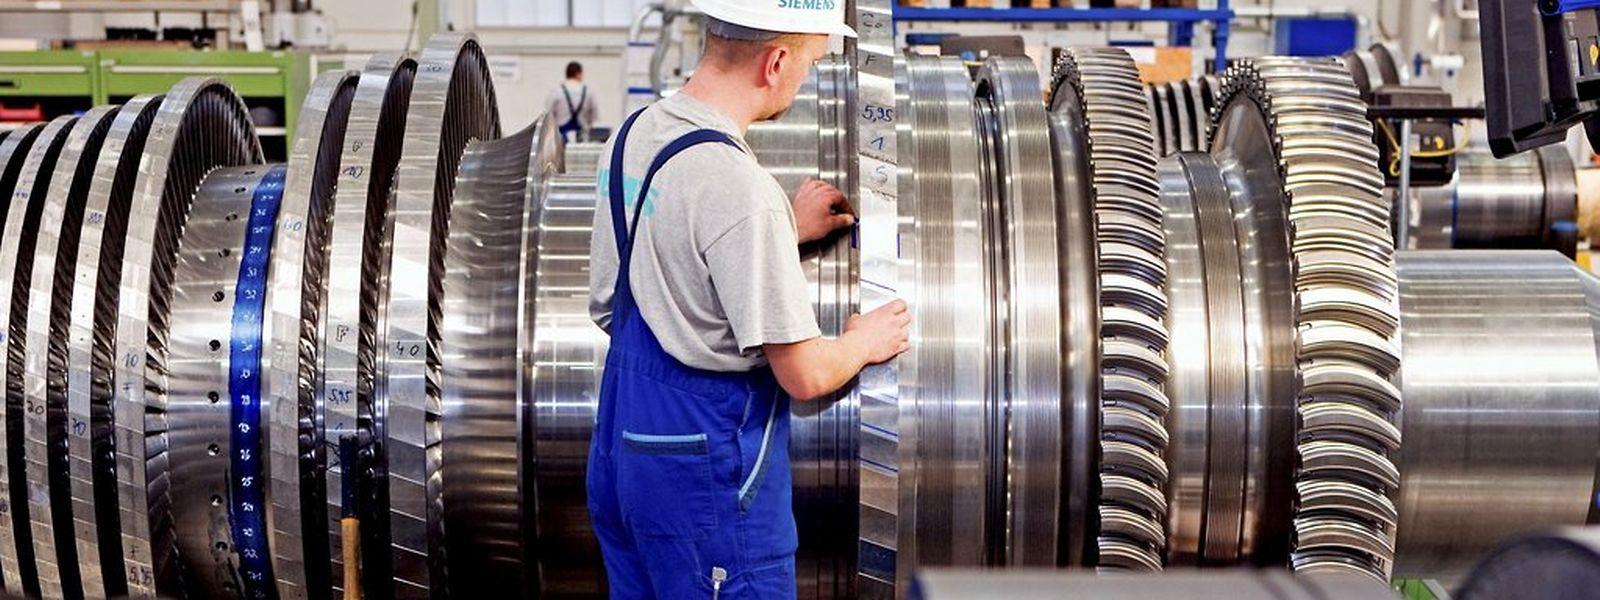 Die Zahl der Beschäftigten wächst in Luxemburg stärker als der Durchschnitt der Eurozone.